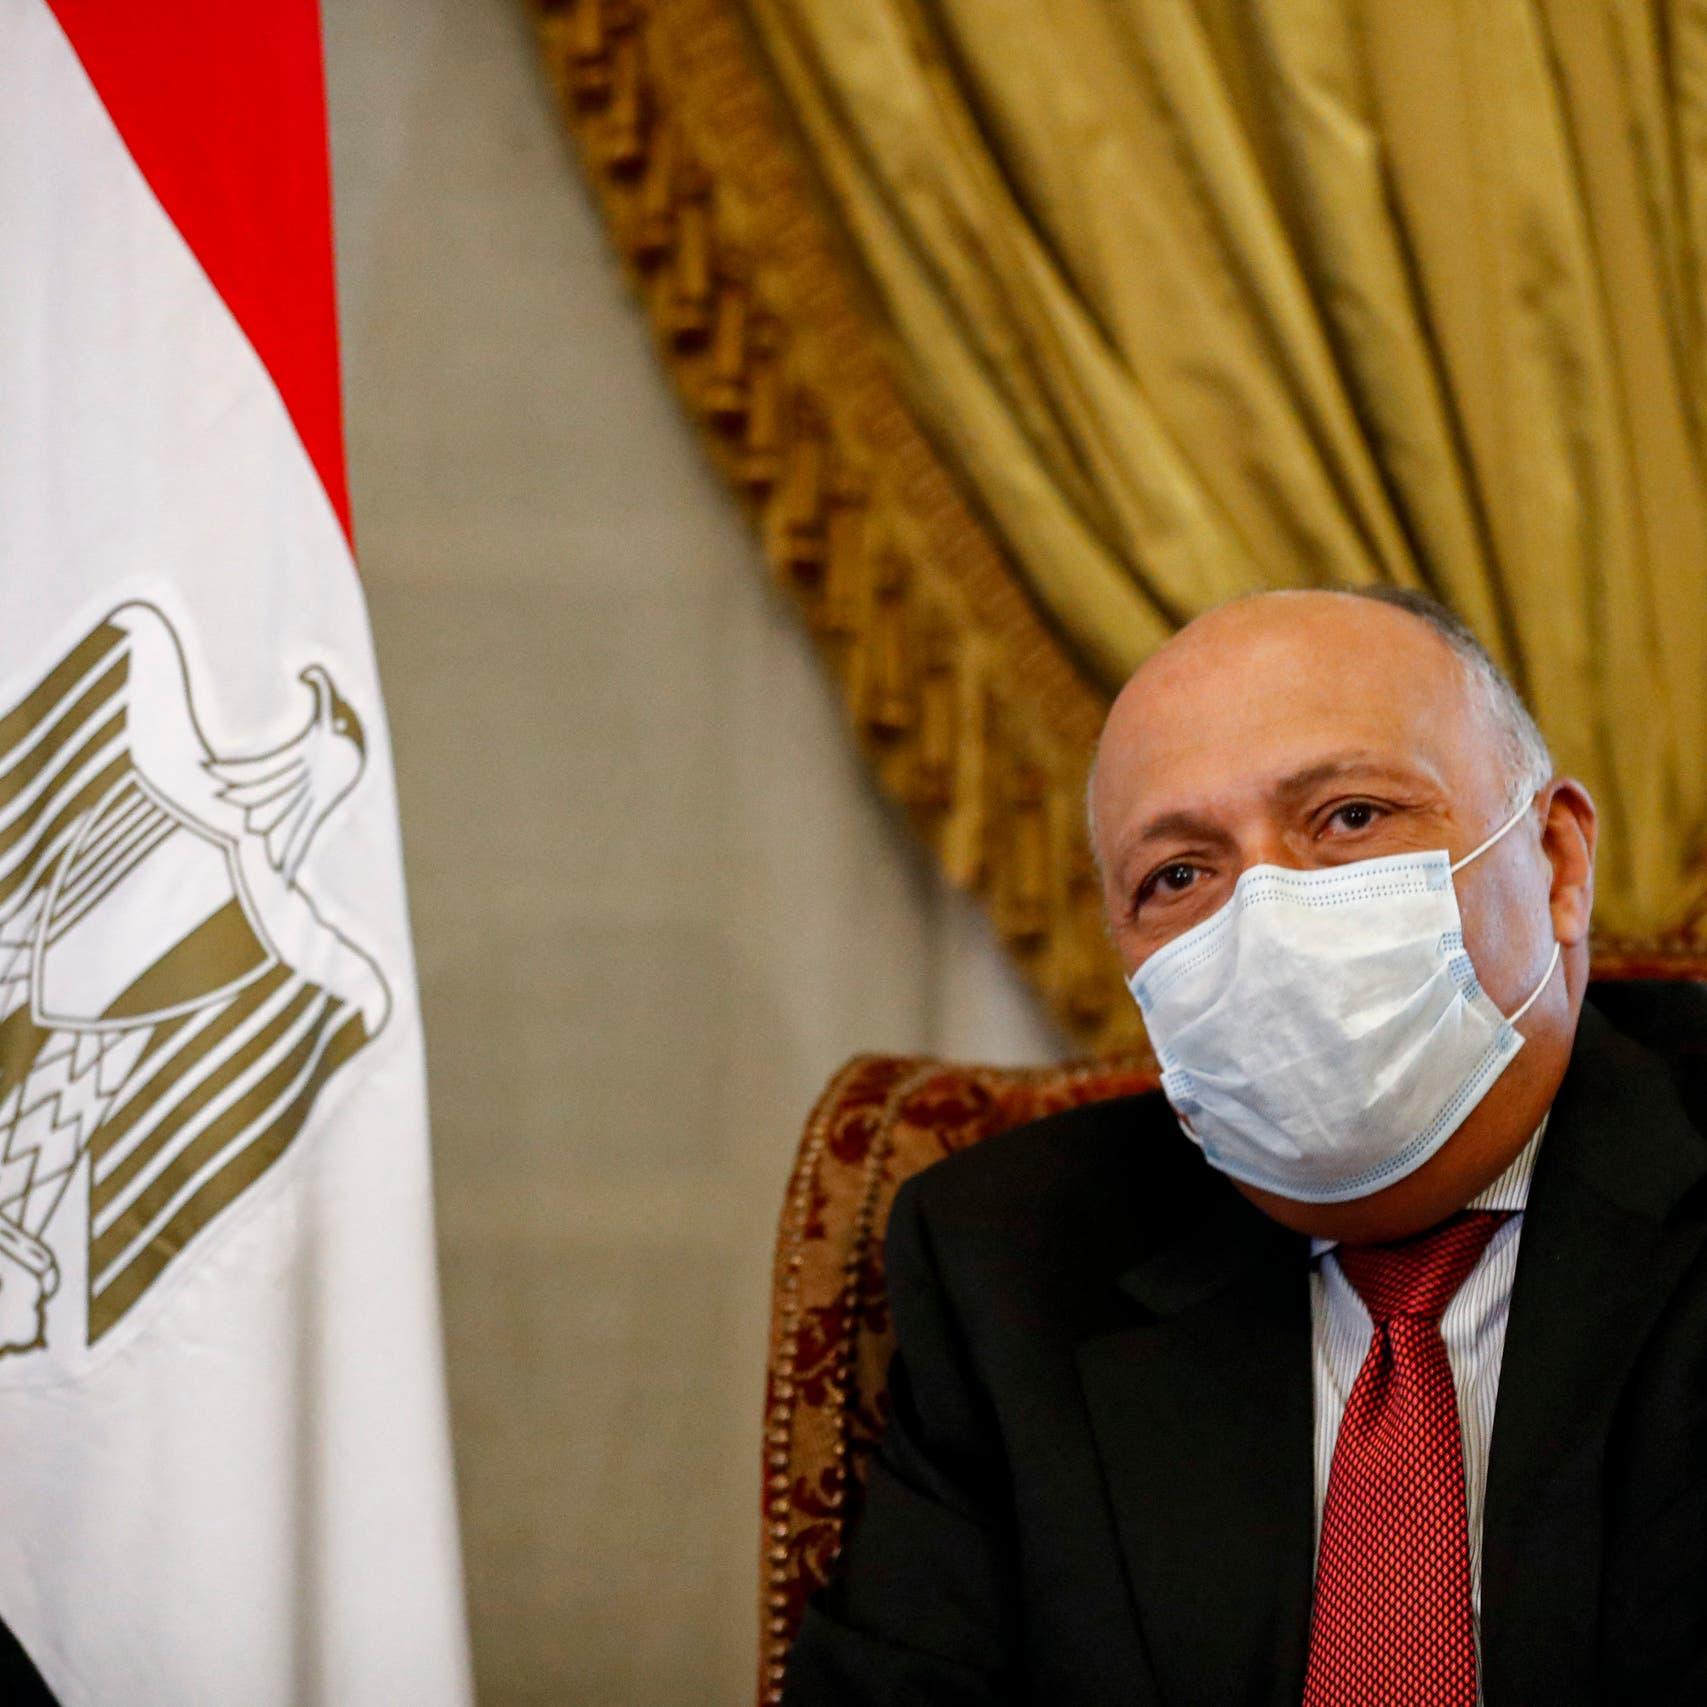 وزير خارجية مصر يكشف حقيقة توجه وفد من بلاده إلى تركيا